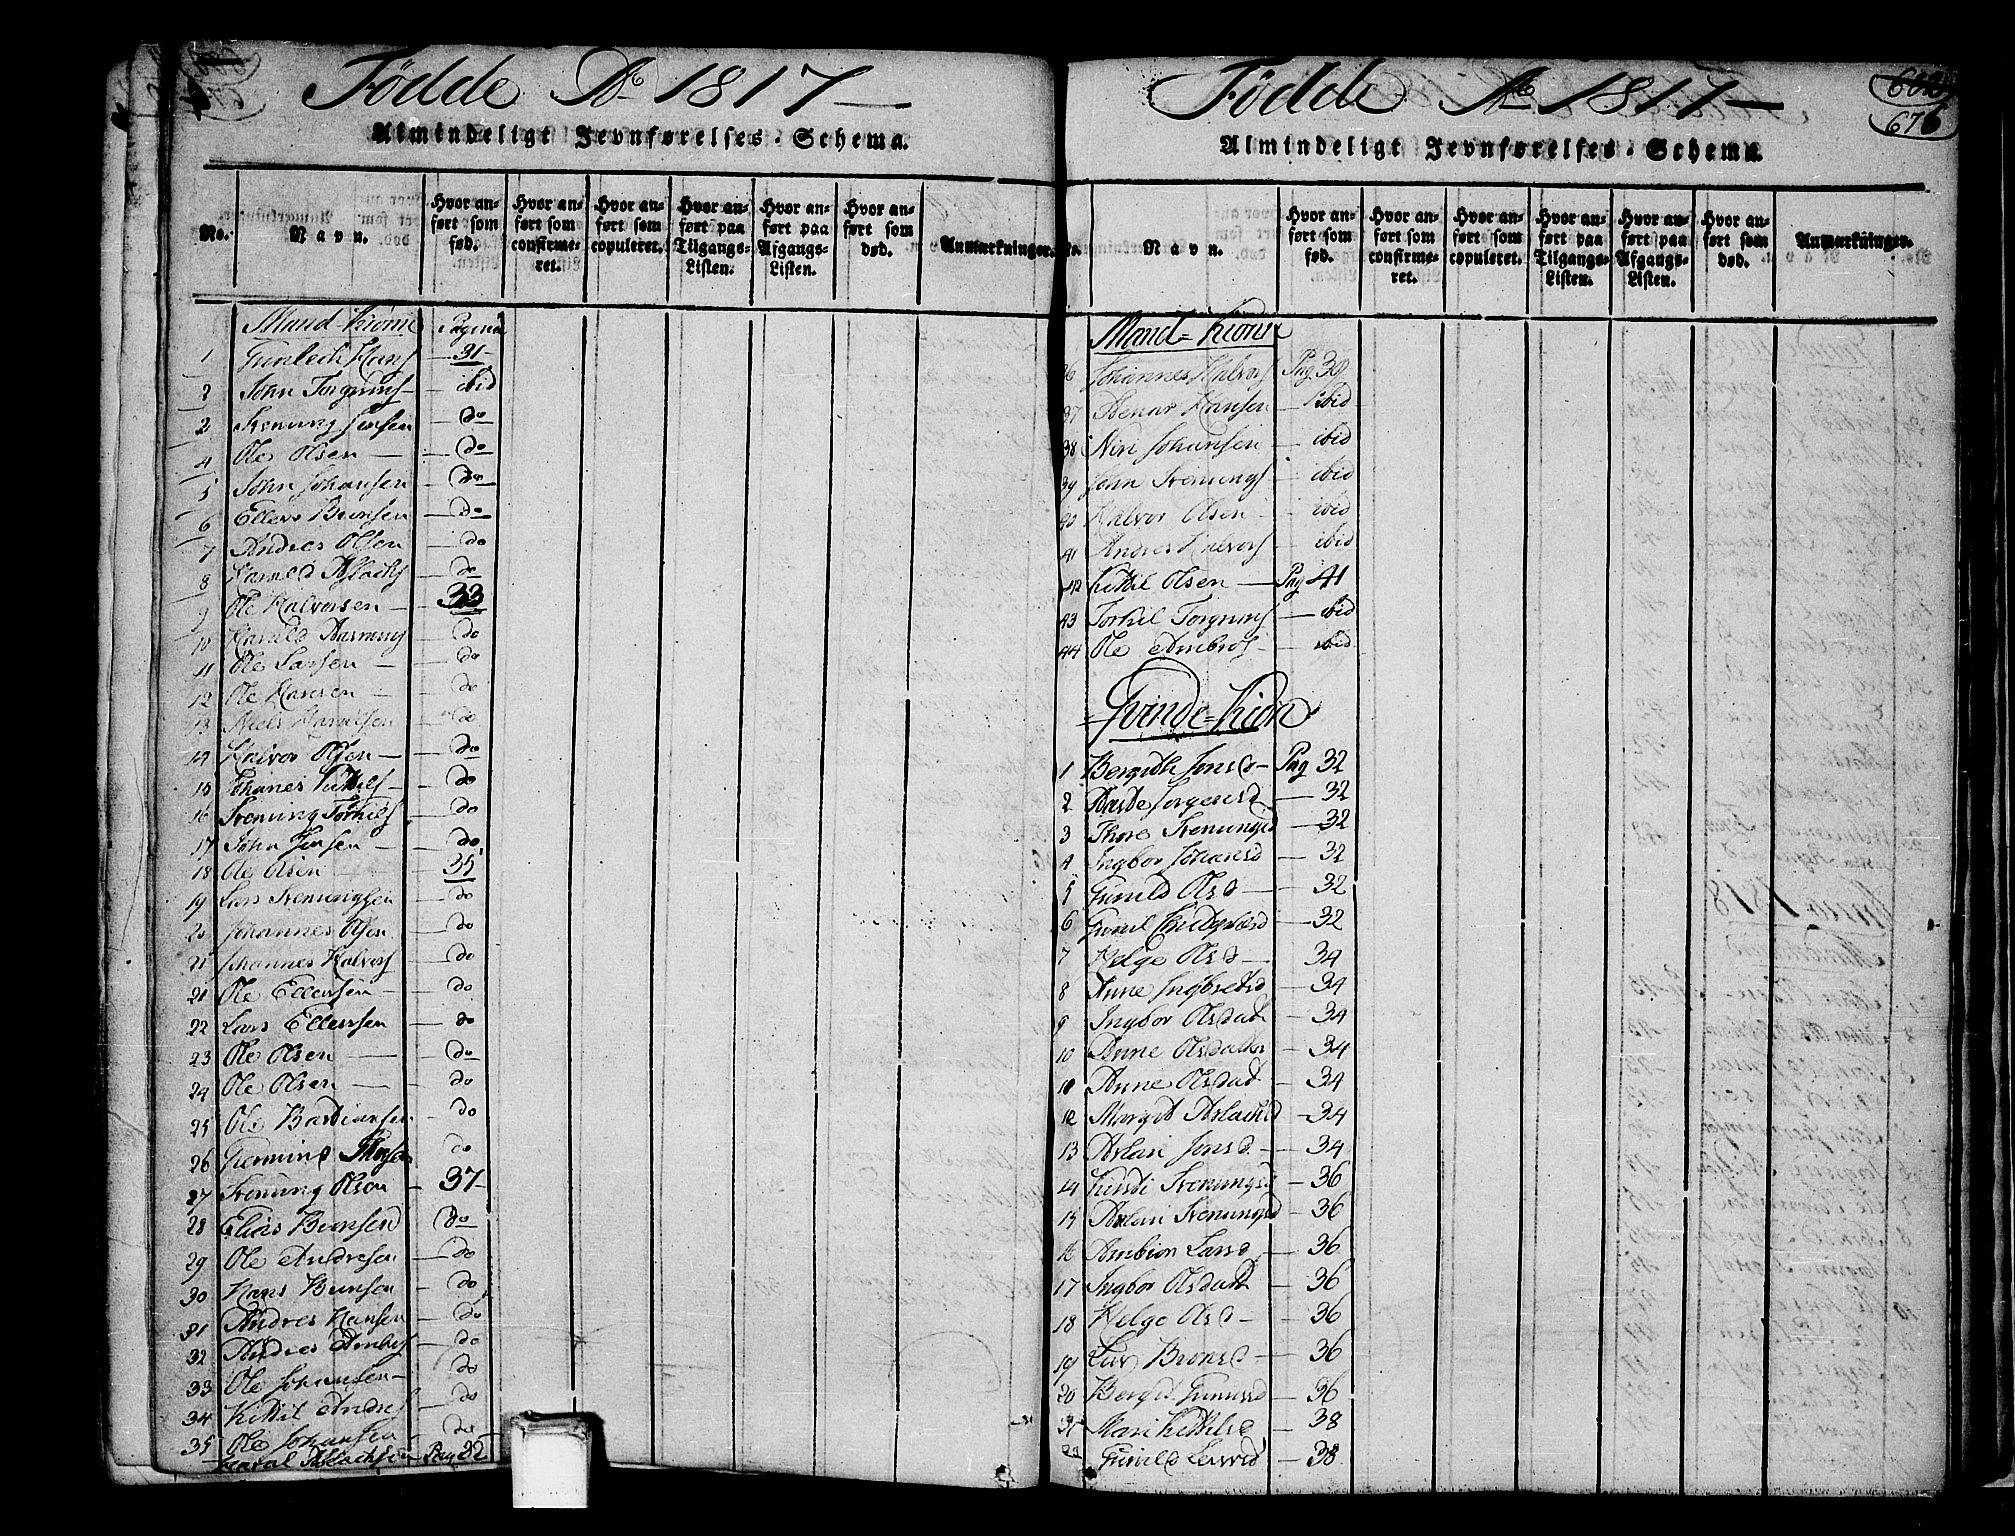 SAKO, Heddal kirkebøker, F/Fa/L0005: Ministerialbok nr. I 5, 1814-1837, s. 675-676